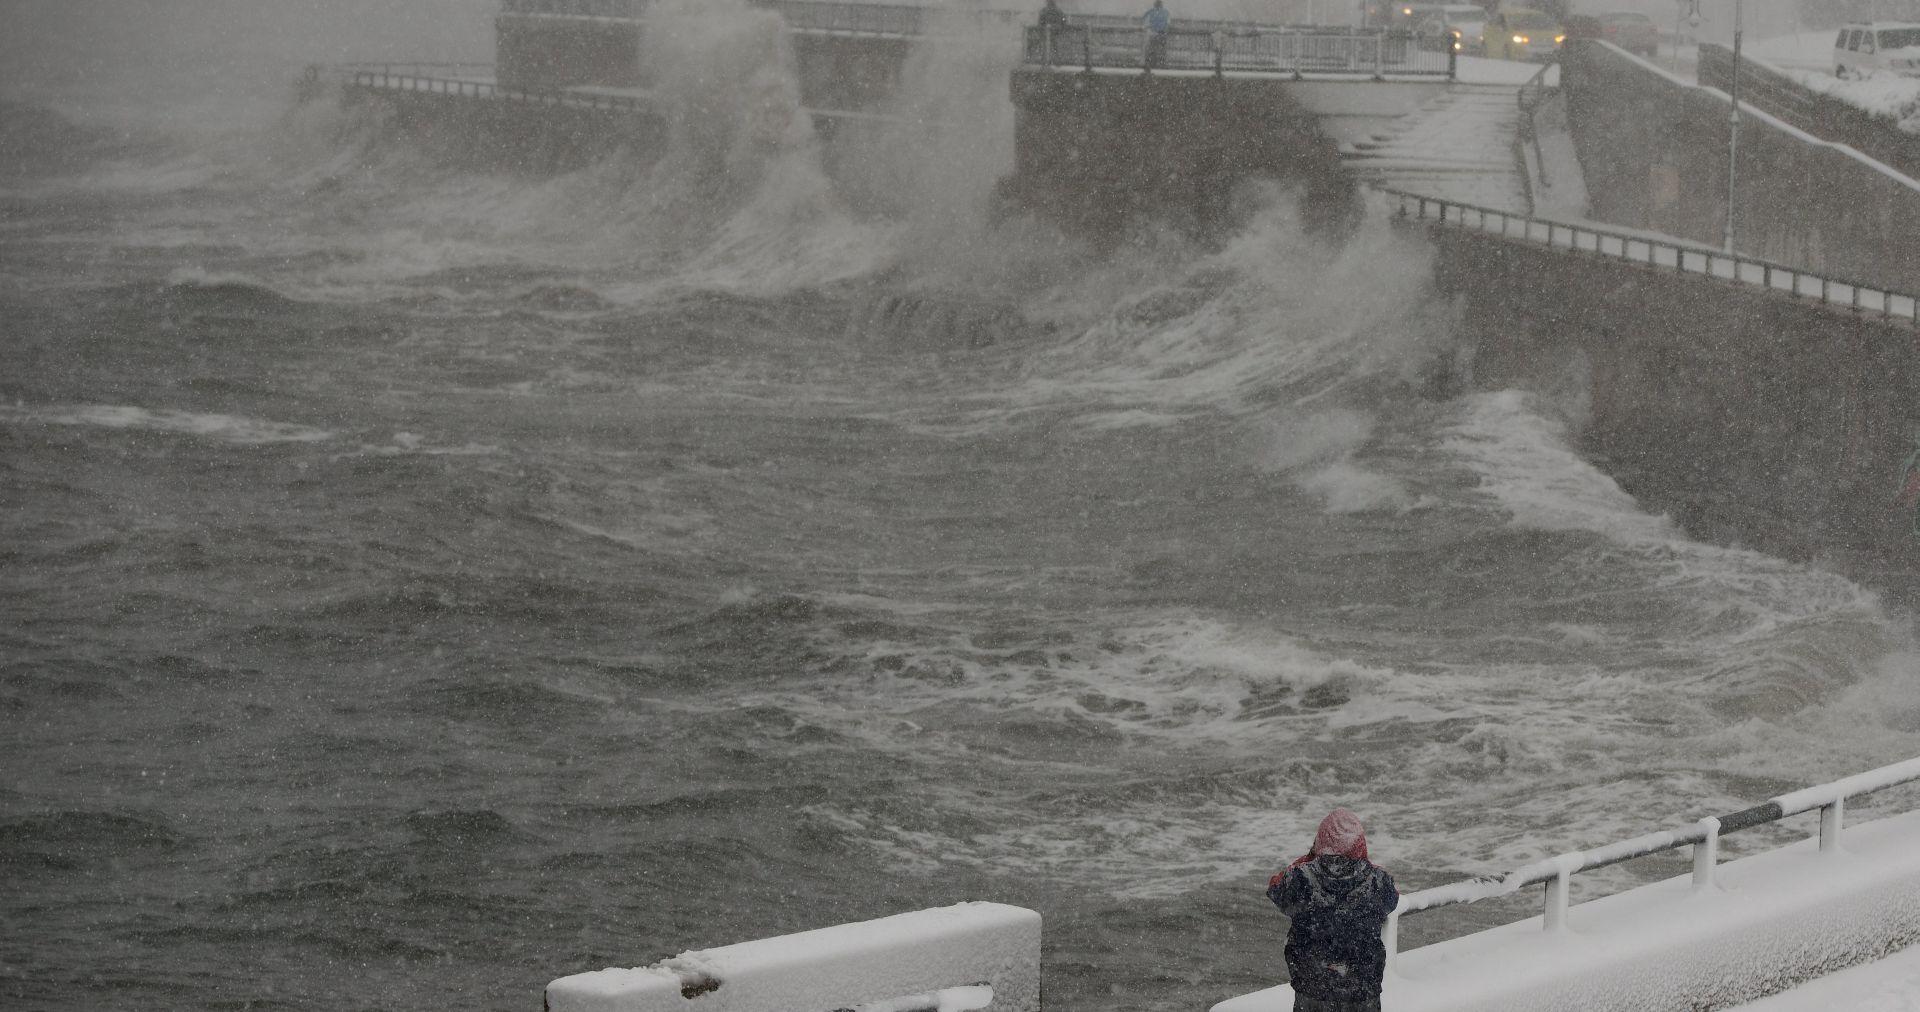 ŠESTERO MRTVIH Snježna oluja paralizirala istok Kanade